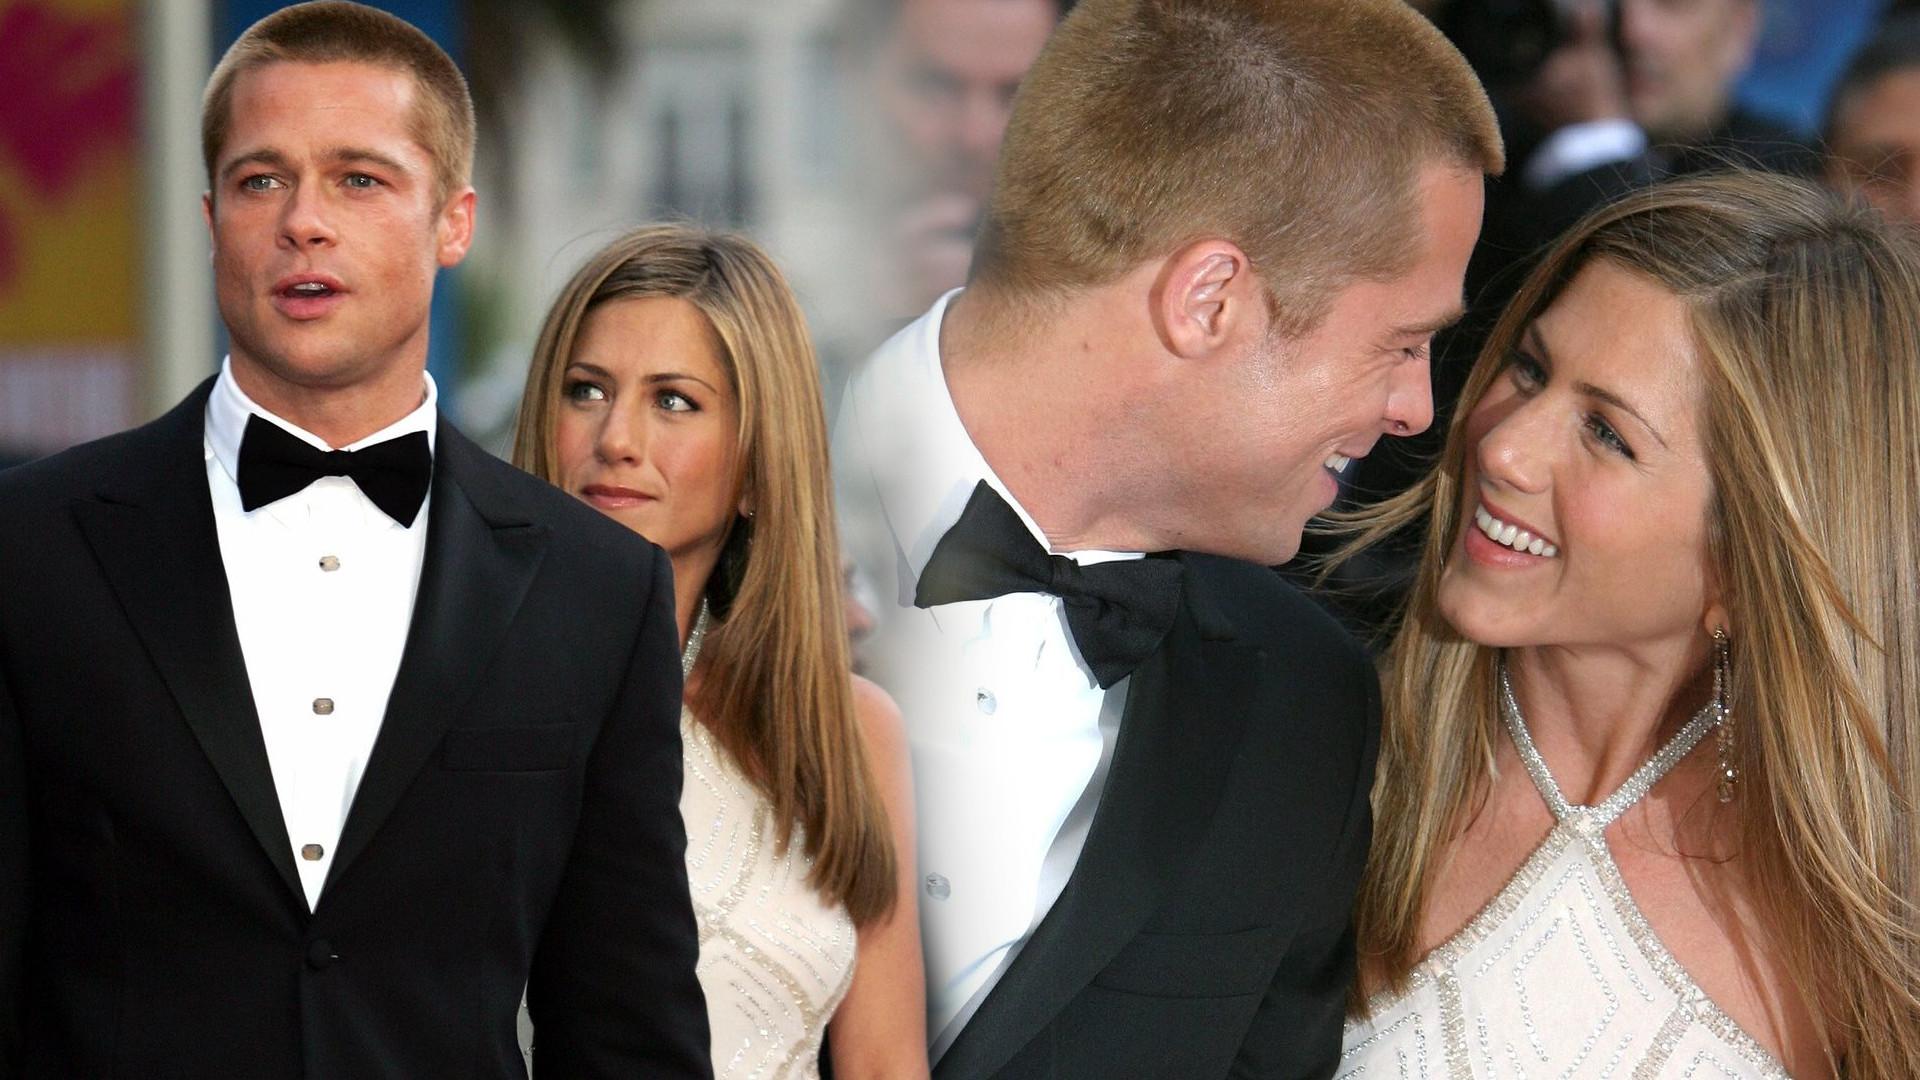 Jennifer Aniston i Brad Pitt CZULE się przytulają! Zostali przyłapani